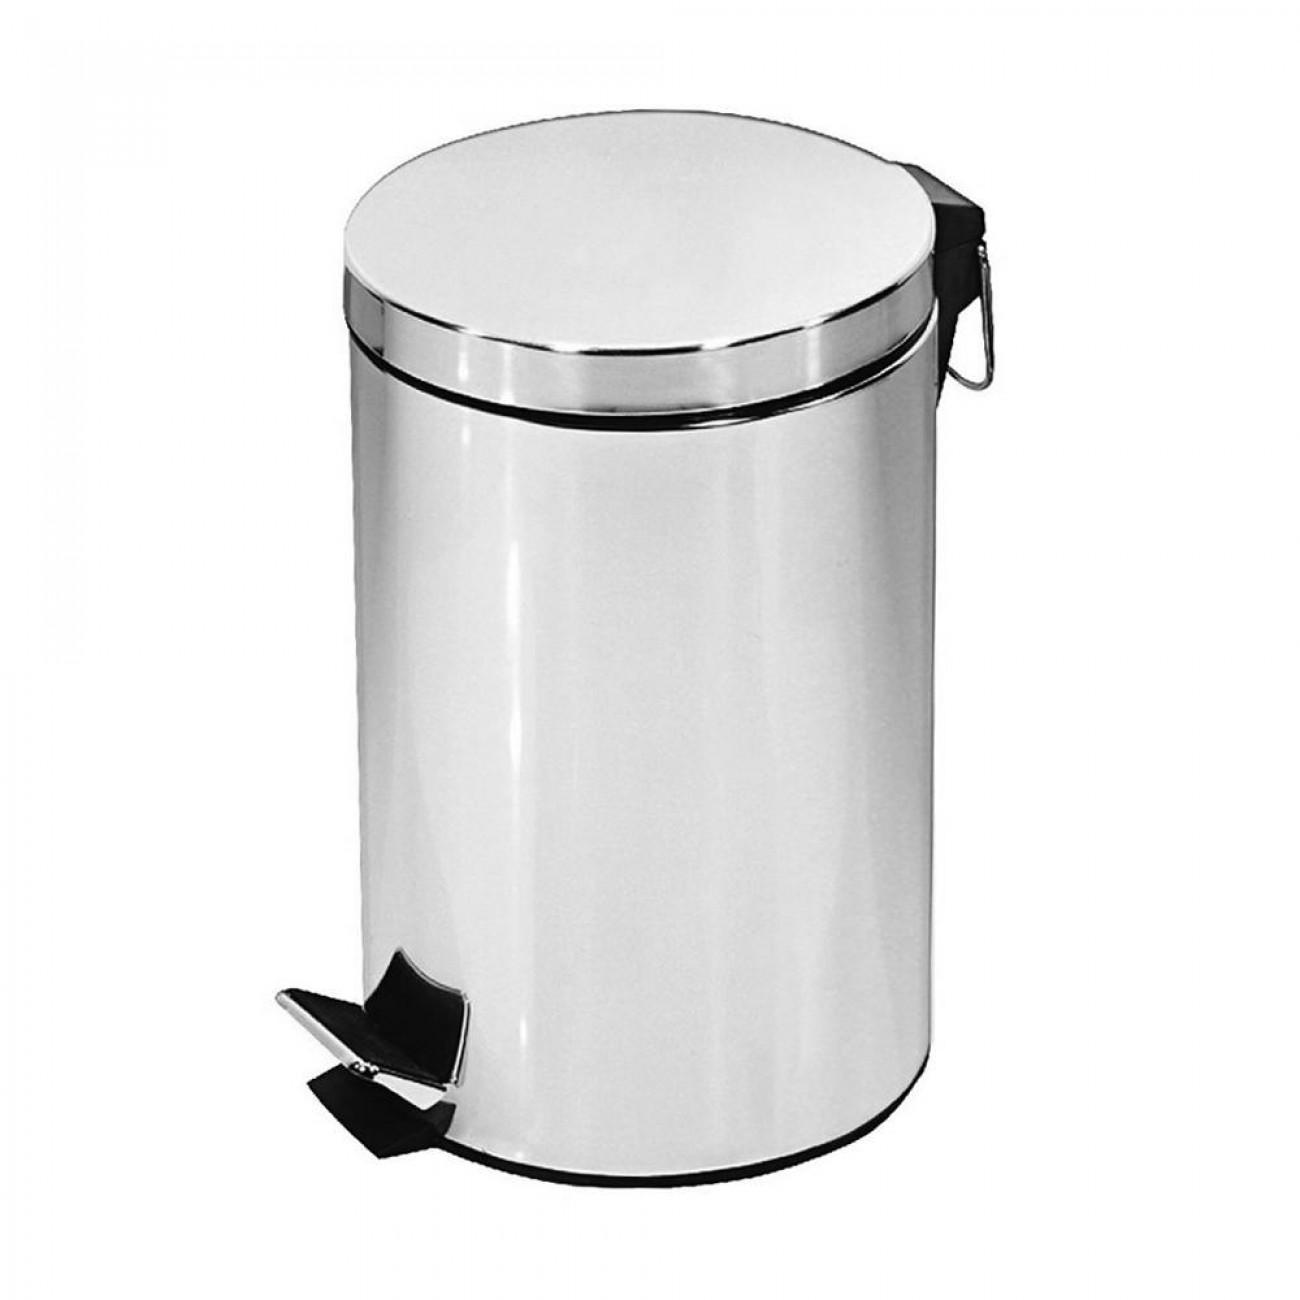 Кошче за боклук SAPIR SP 3007 I, 8 литра, Инокс в Кошчета за боклук - SAPIR | Alleop